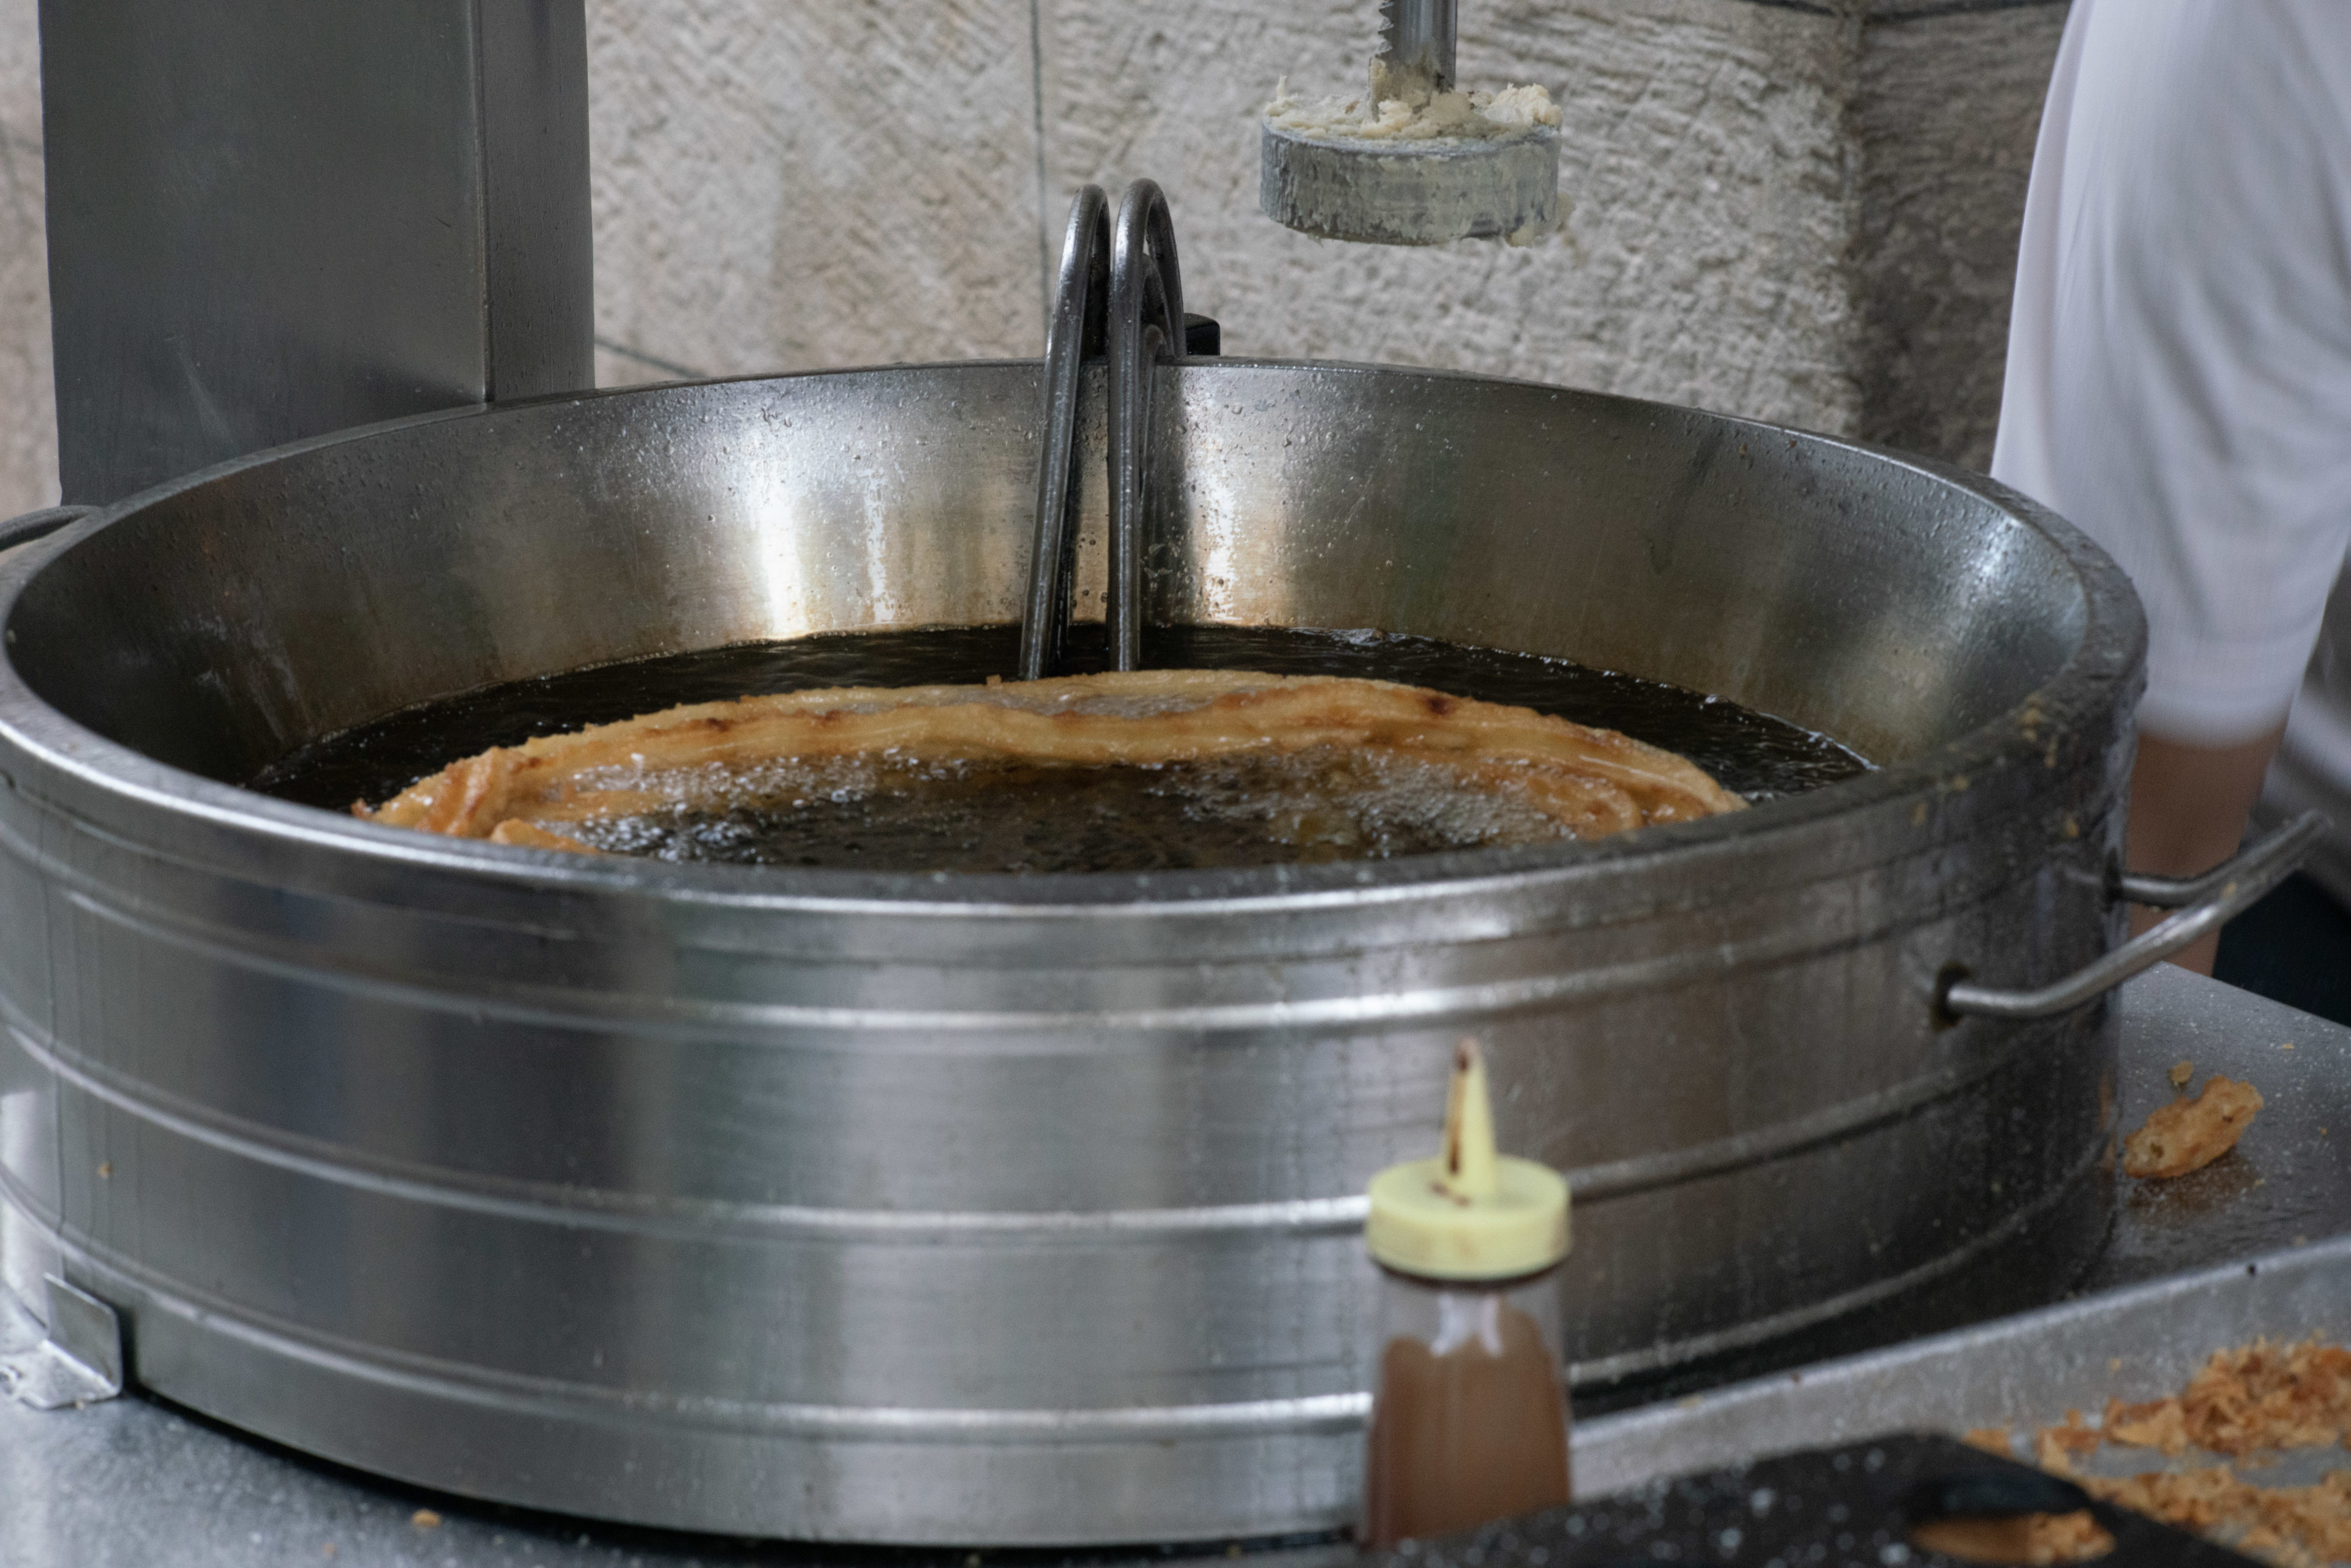 Gerät zur Herstellung von Churros